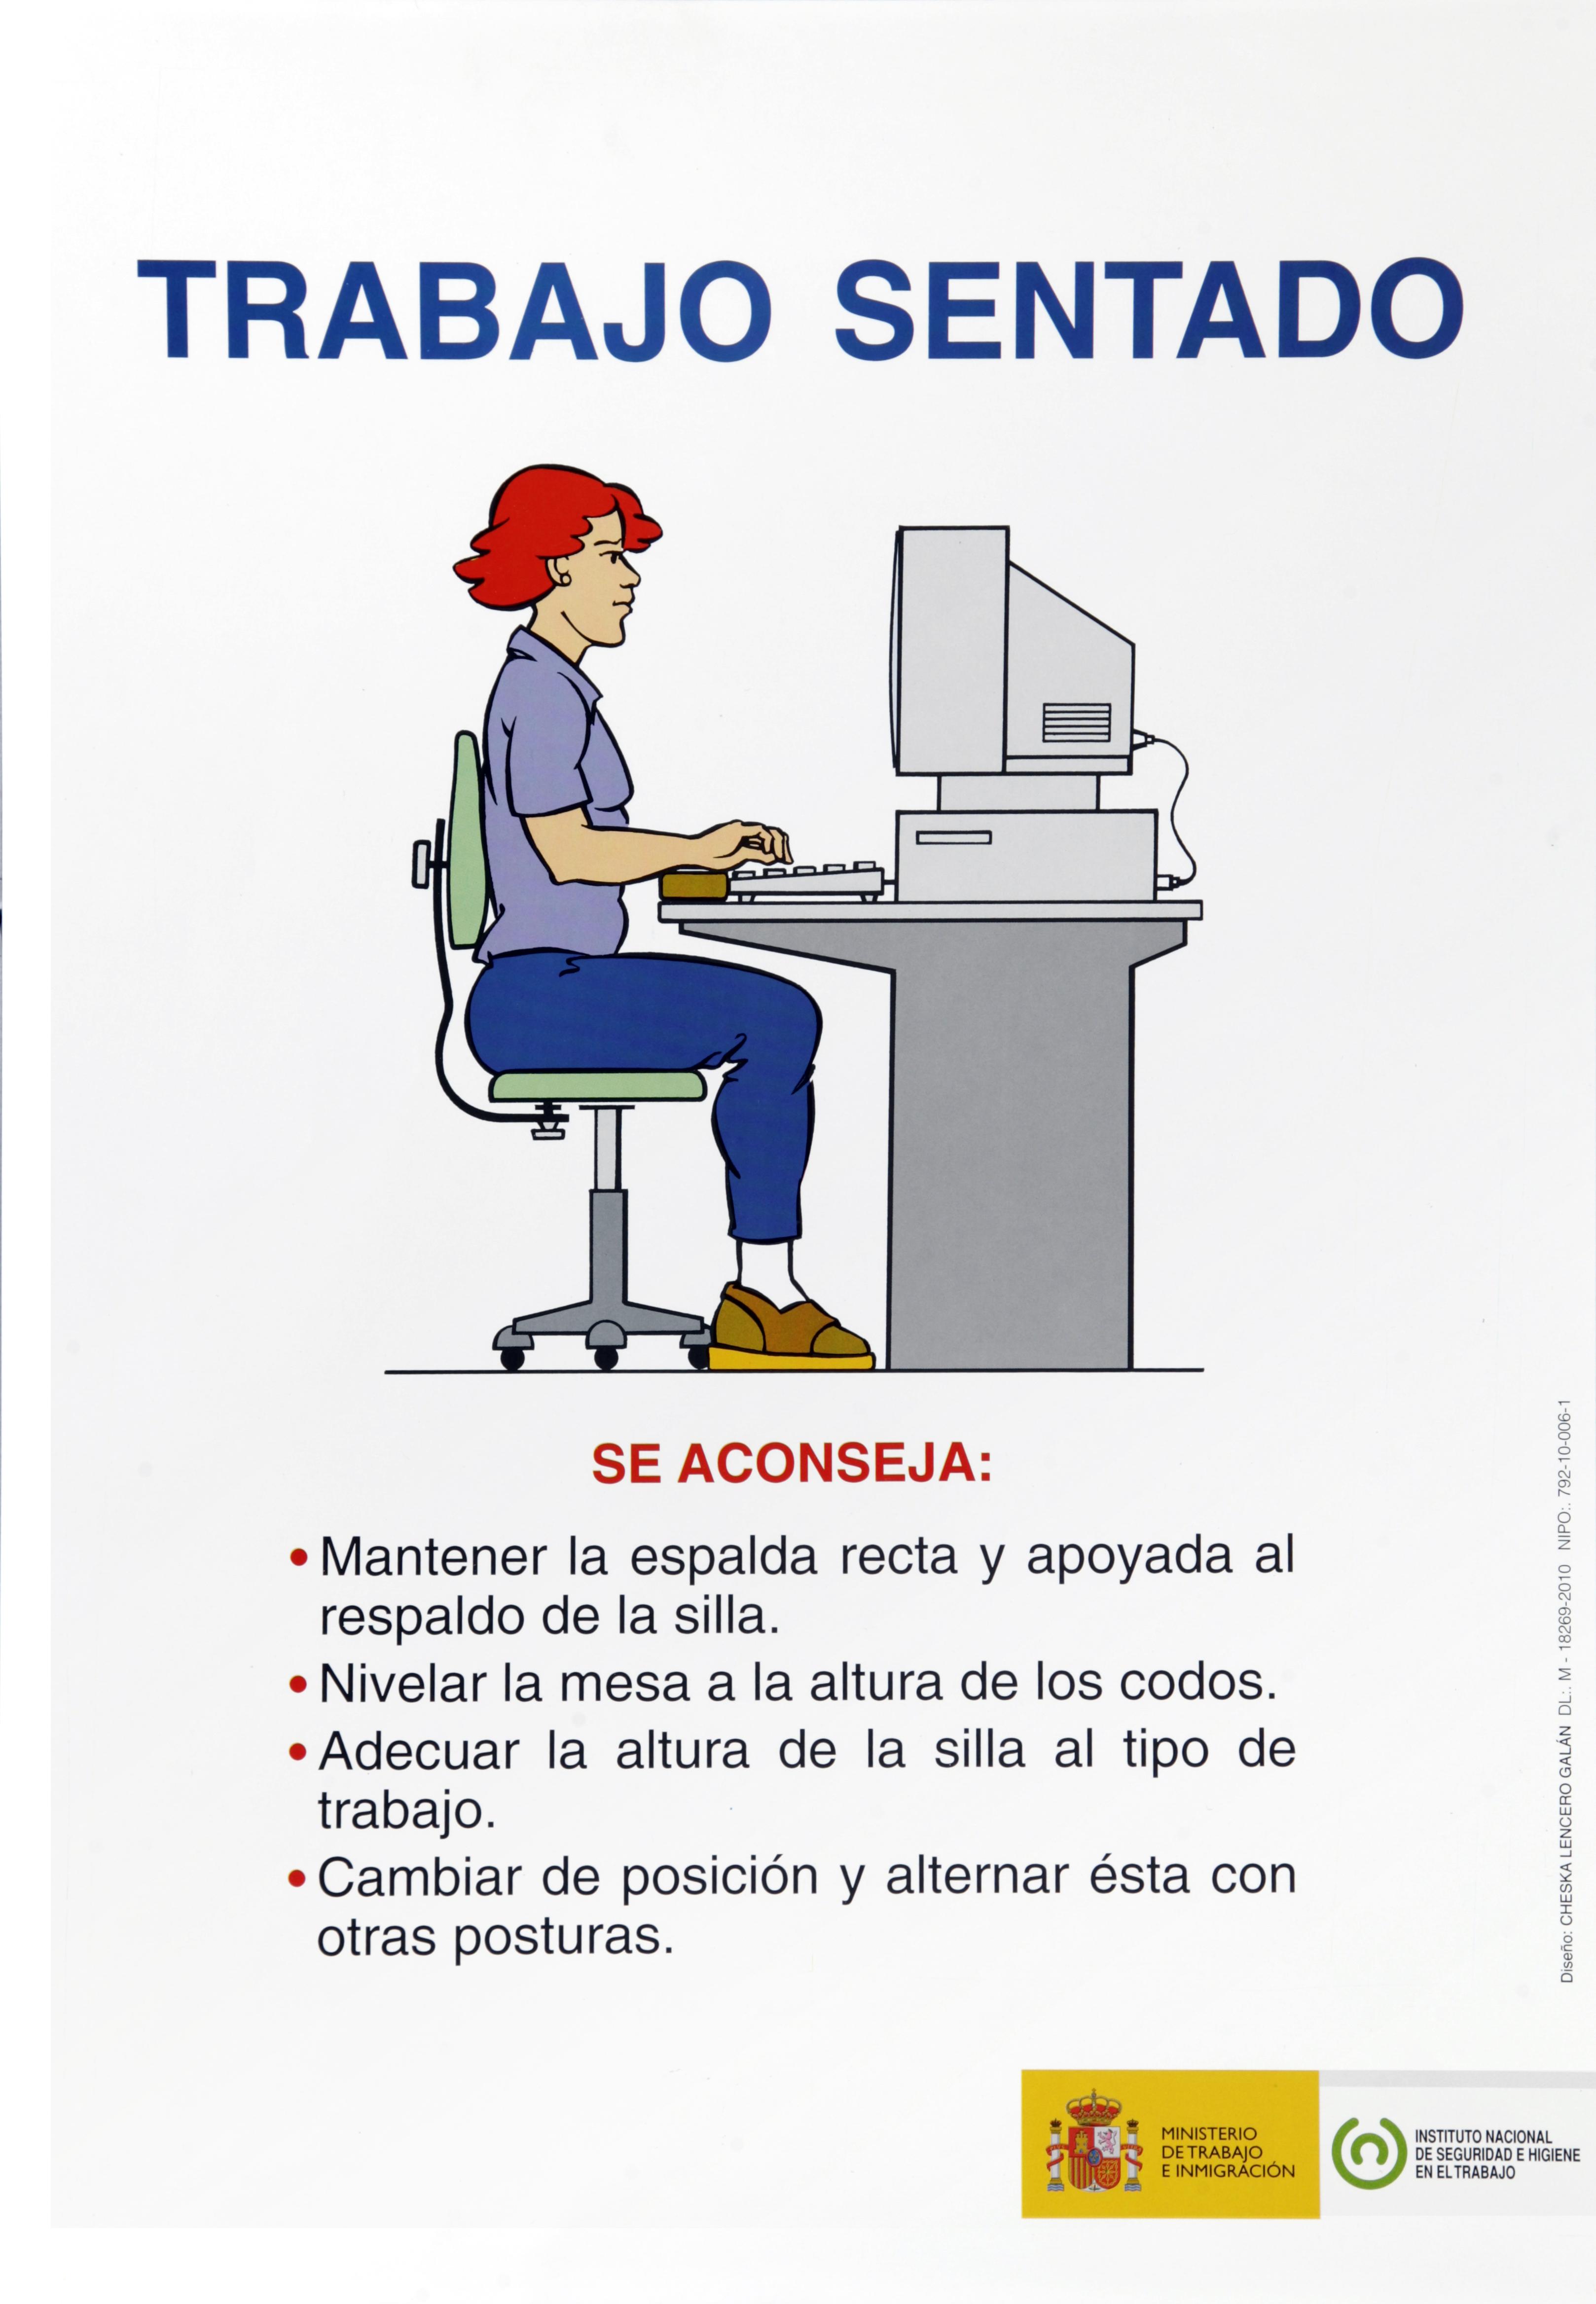 Trabajo sentado. Cartel - Año 2010